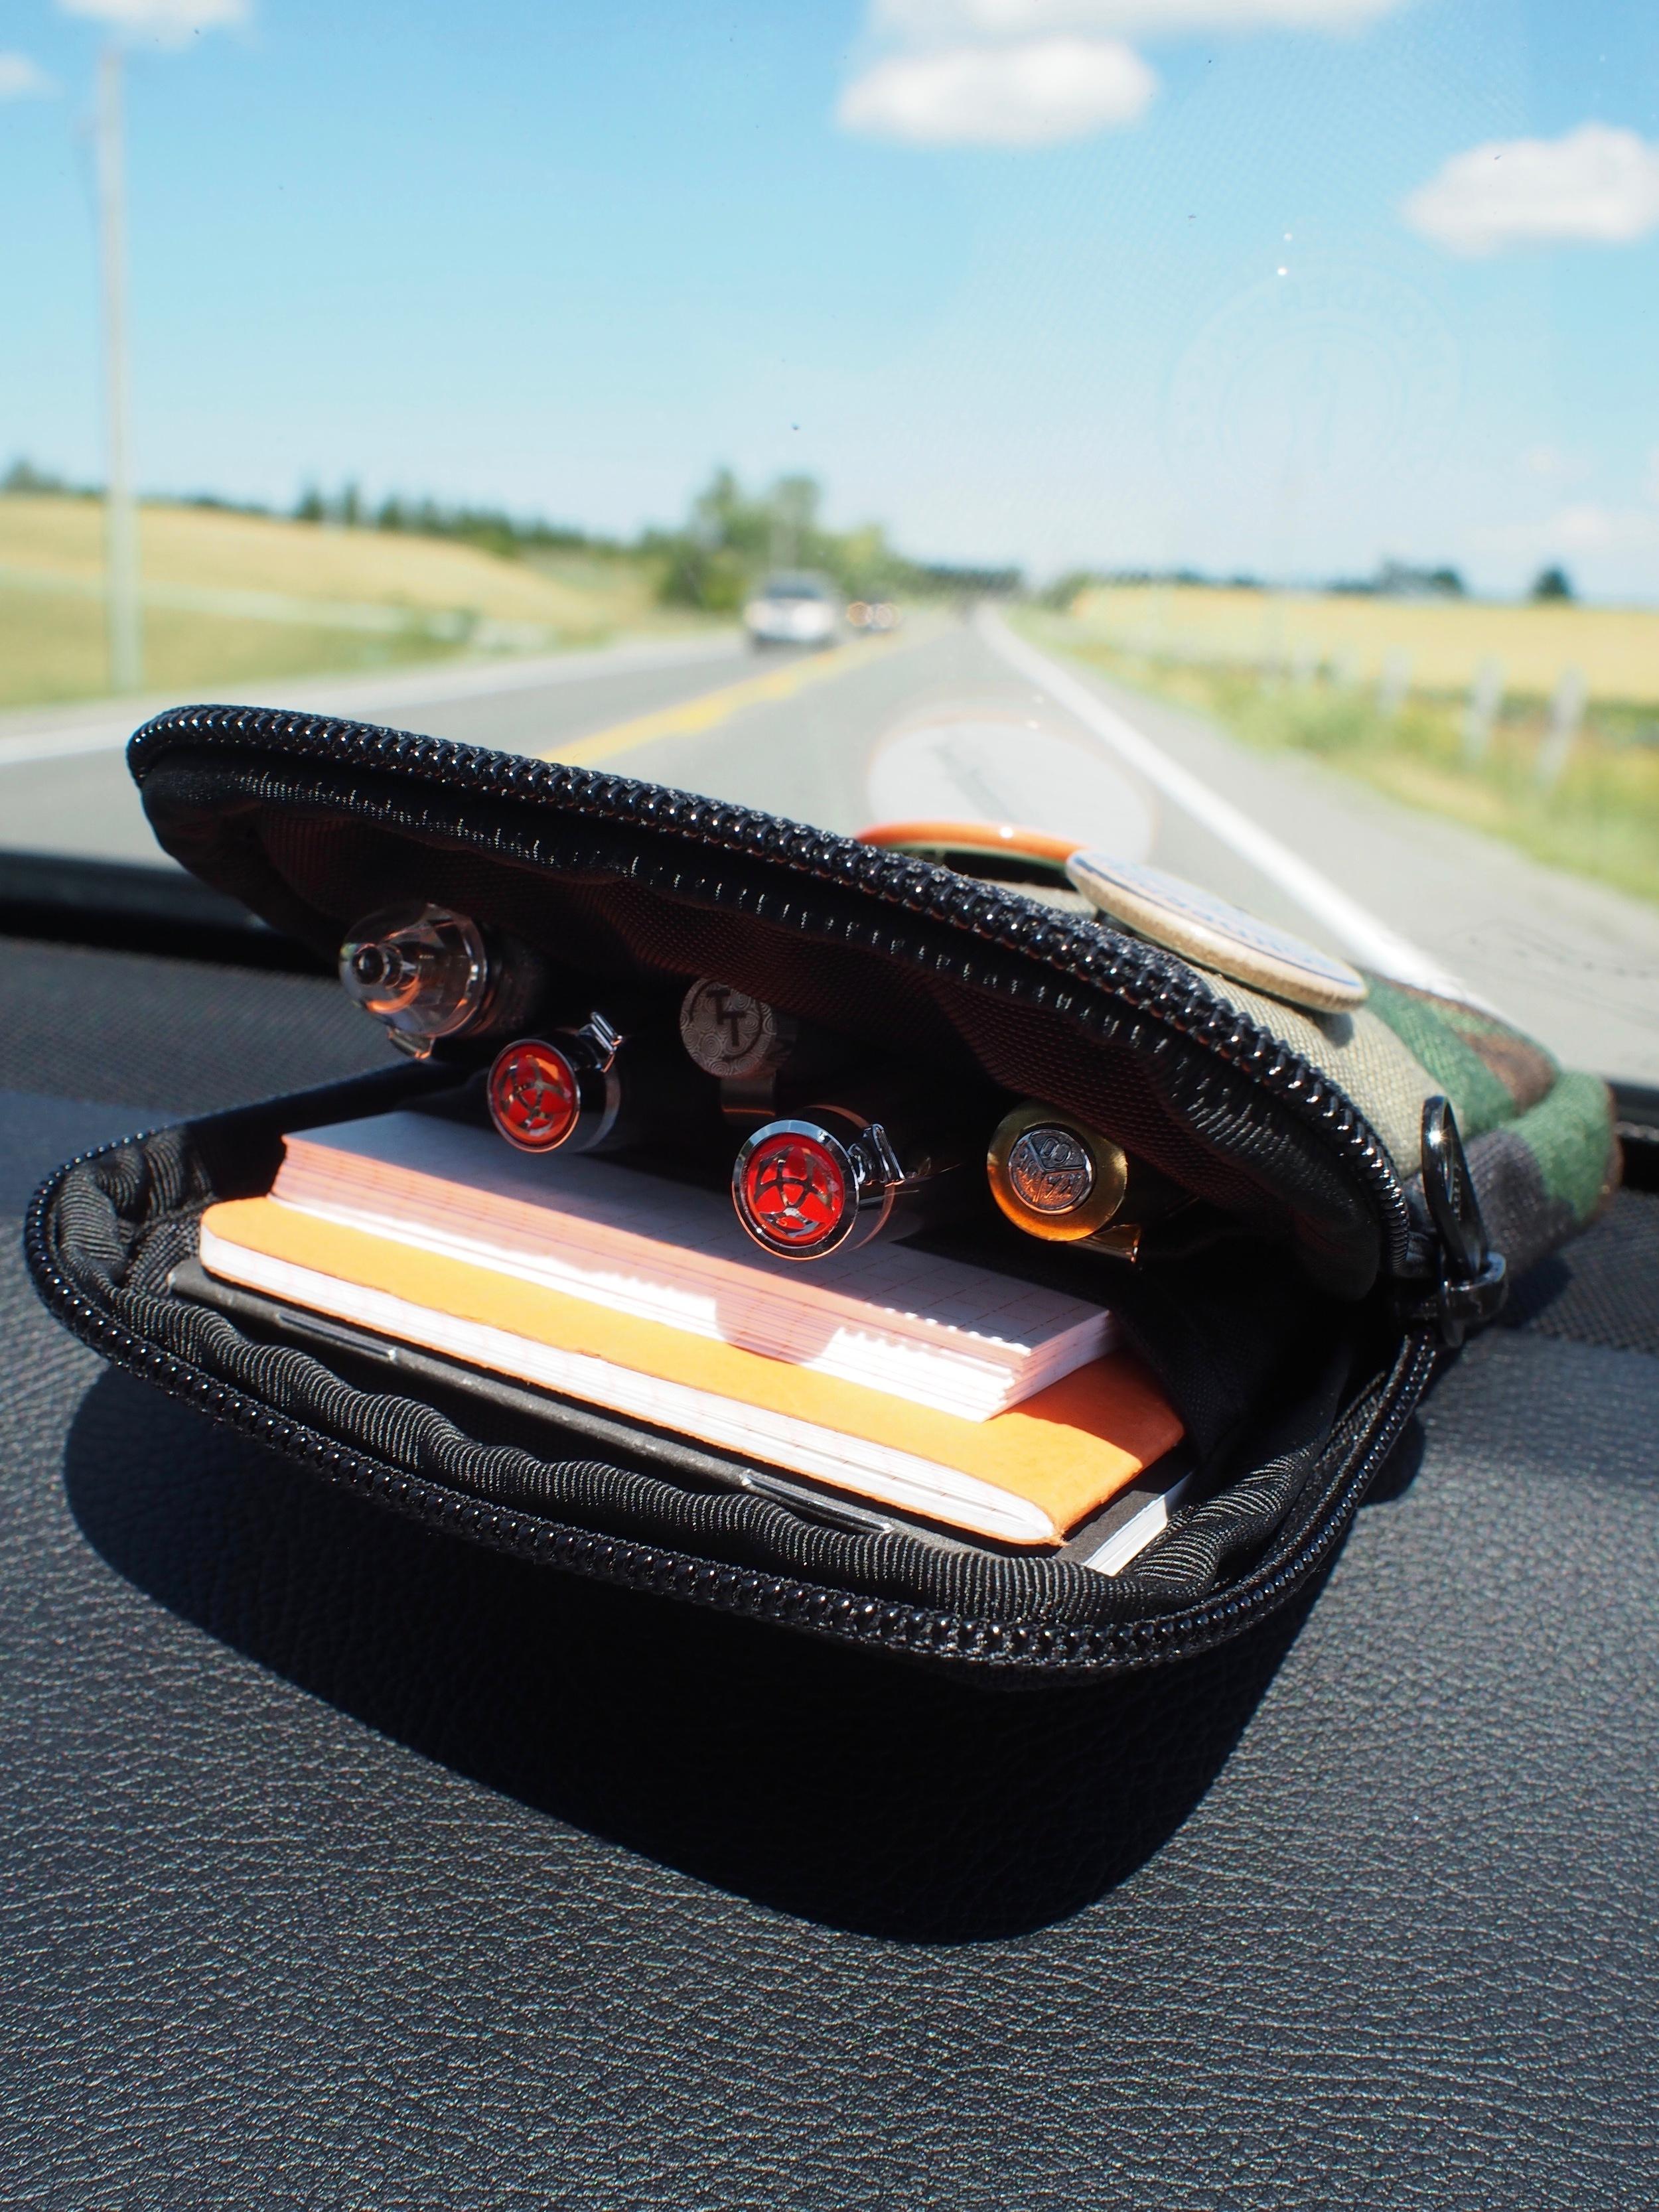 Pens from L to R: Platinum 3776 Sai, TWSBI Vac Mini, Tactile Turn Gist,TWSBI 580, Kaweco Brass Sport